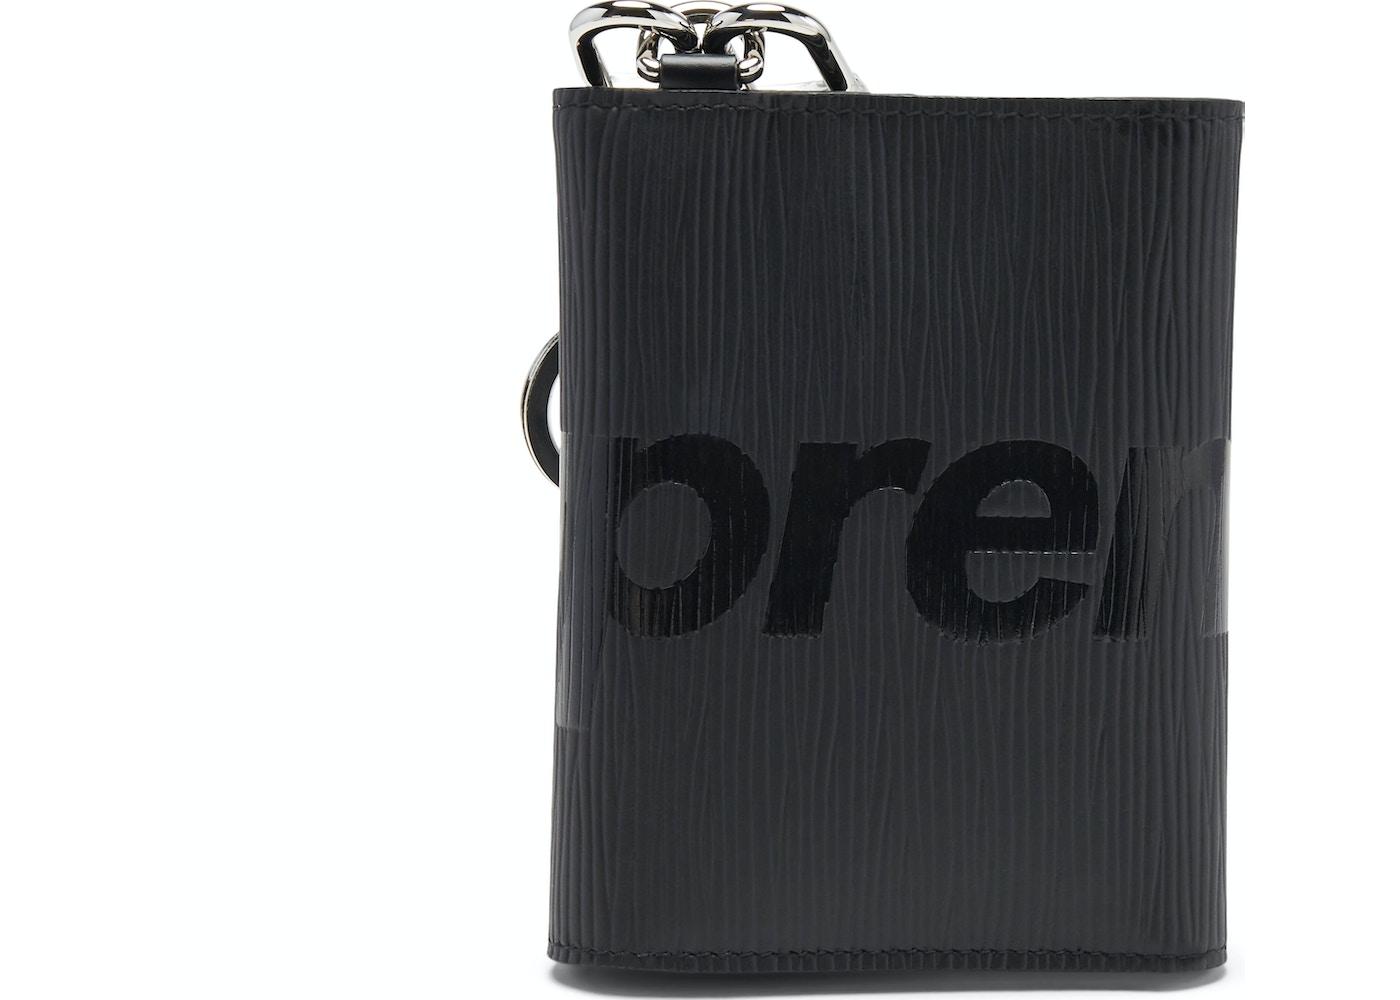 b2c20aca42ab Louis Vuitton x Supreme Chain Wallet Epi Black